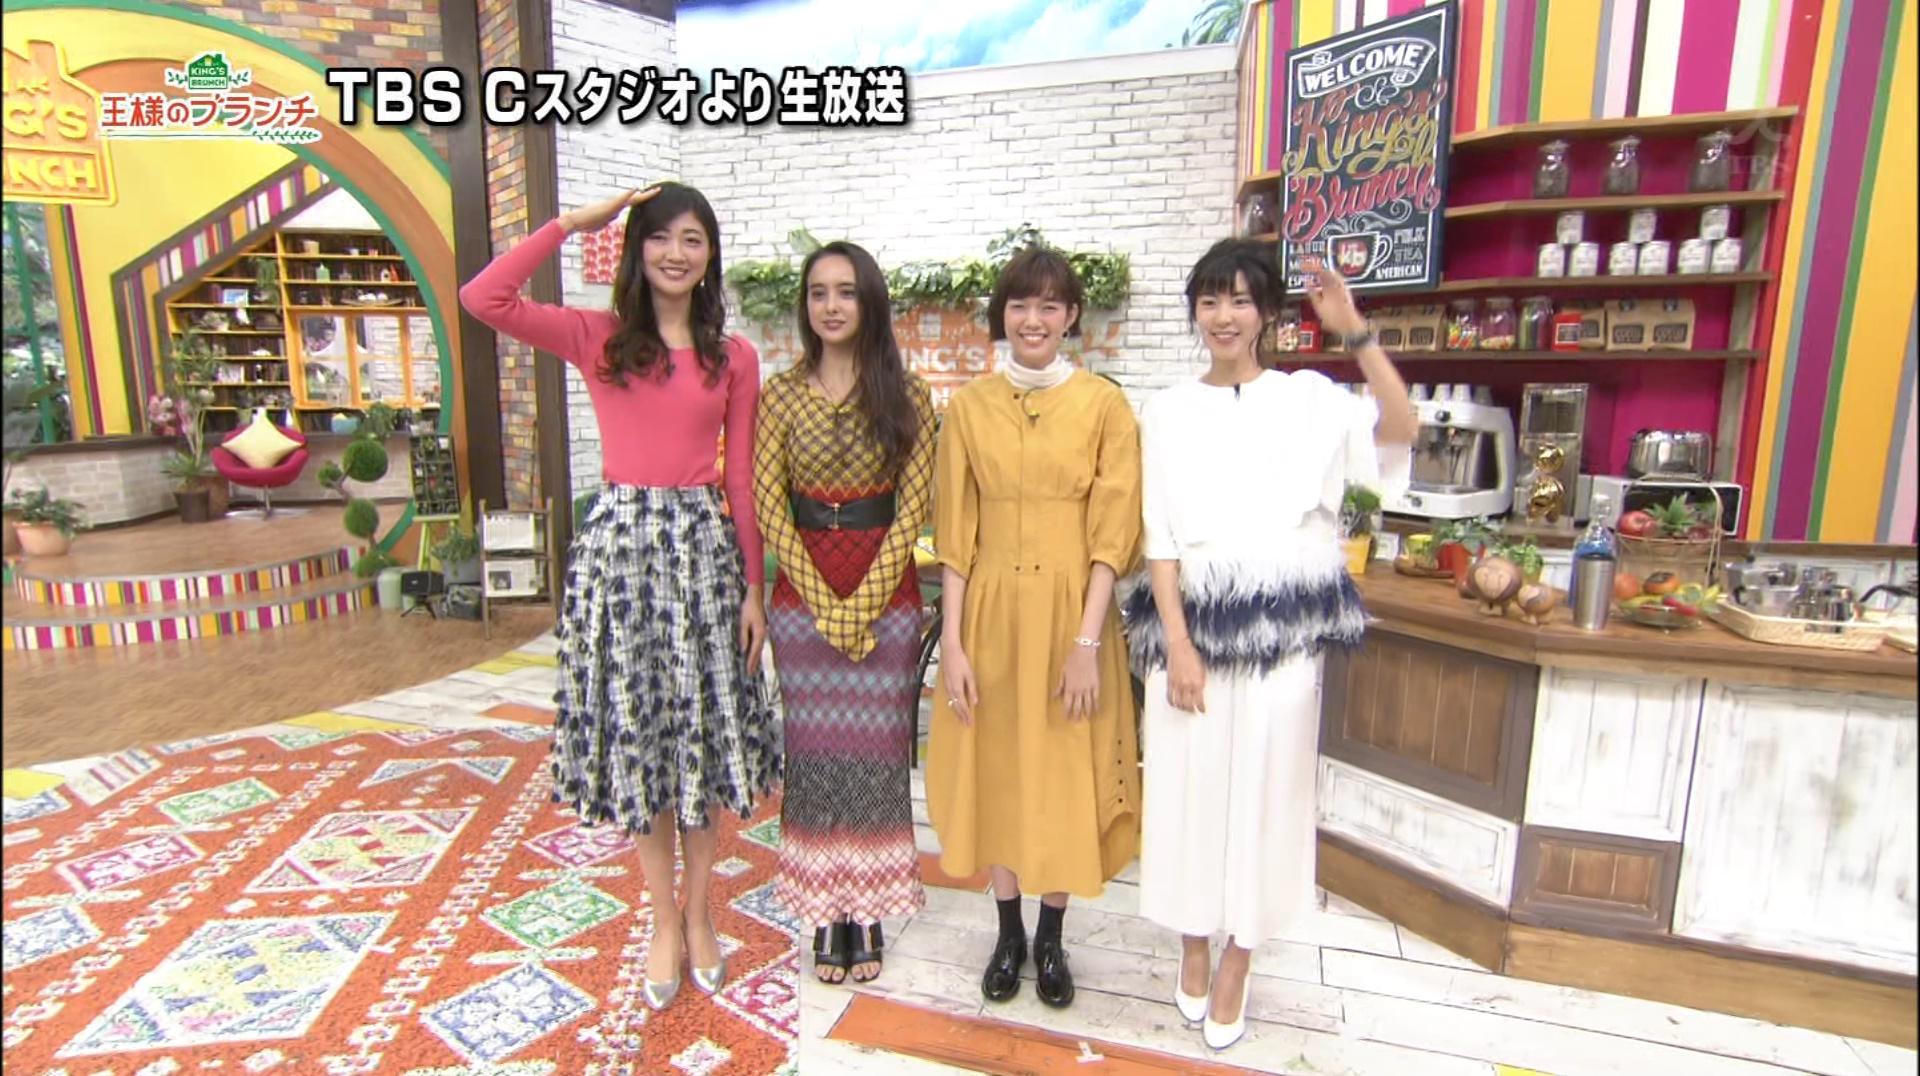 高身長のアイドルが並んだ結果wwwwwwwww 1520641909169